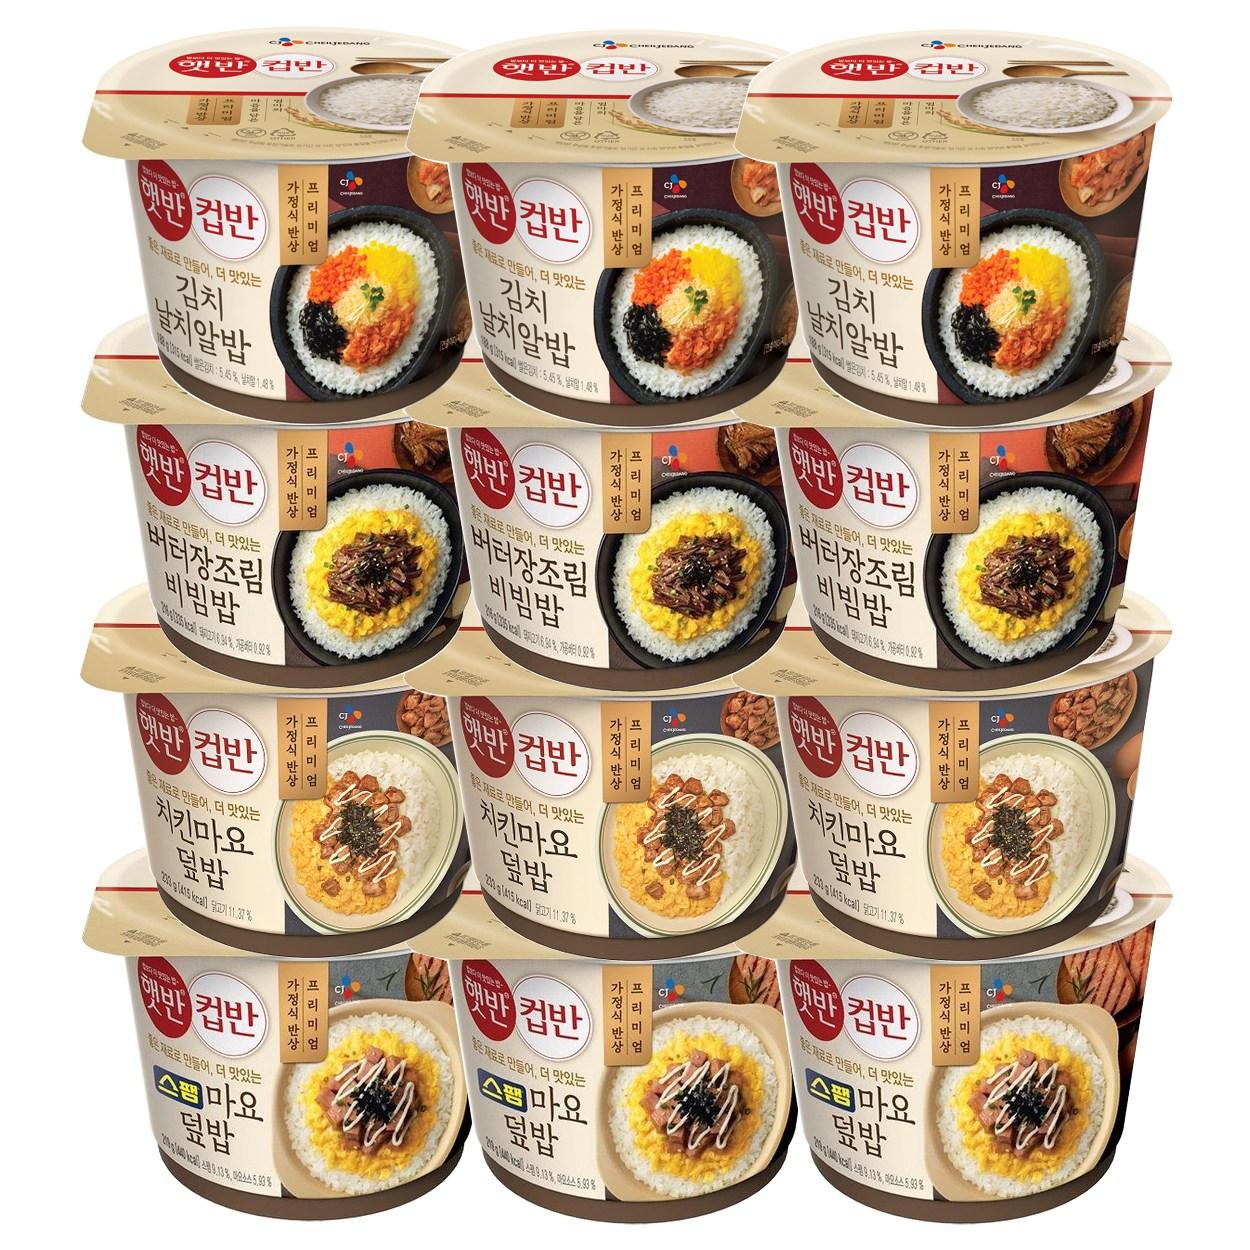 컵반 스팸마요3p+장조림3p+치킨마요3p+김치날치알밥3p, 12개, 212g